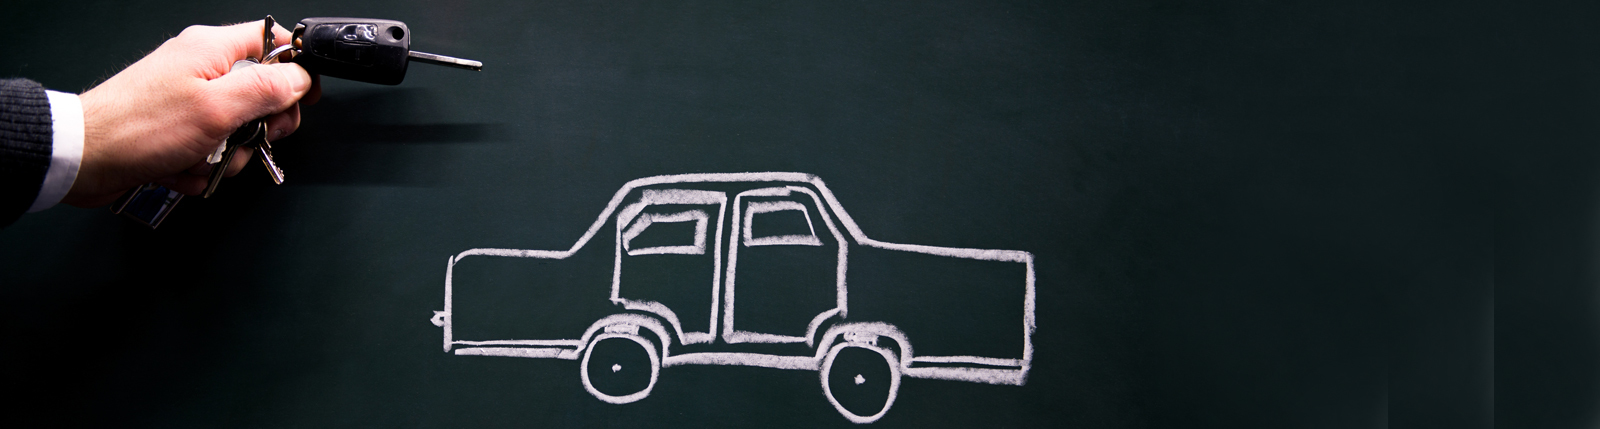 Auto auf Tafel gemalt, Mann hält Schlüssel daneben